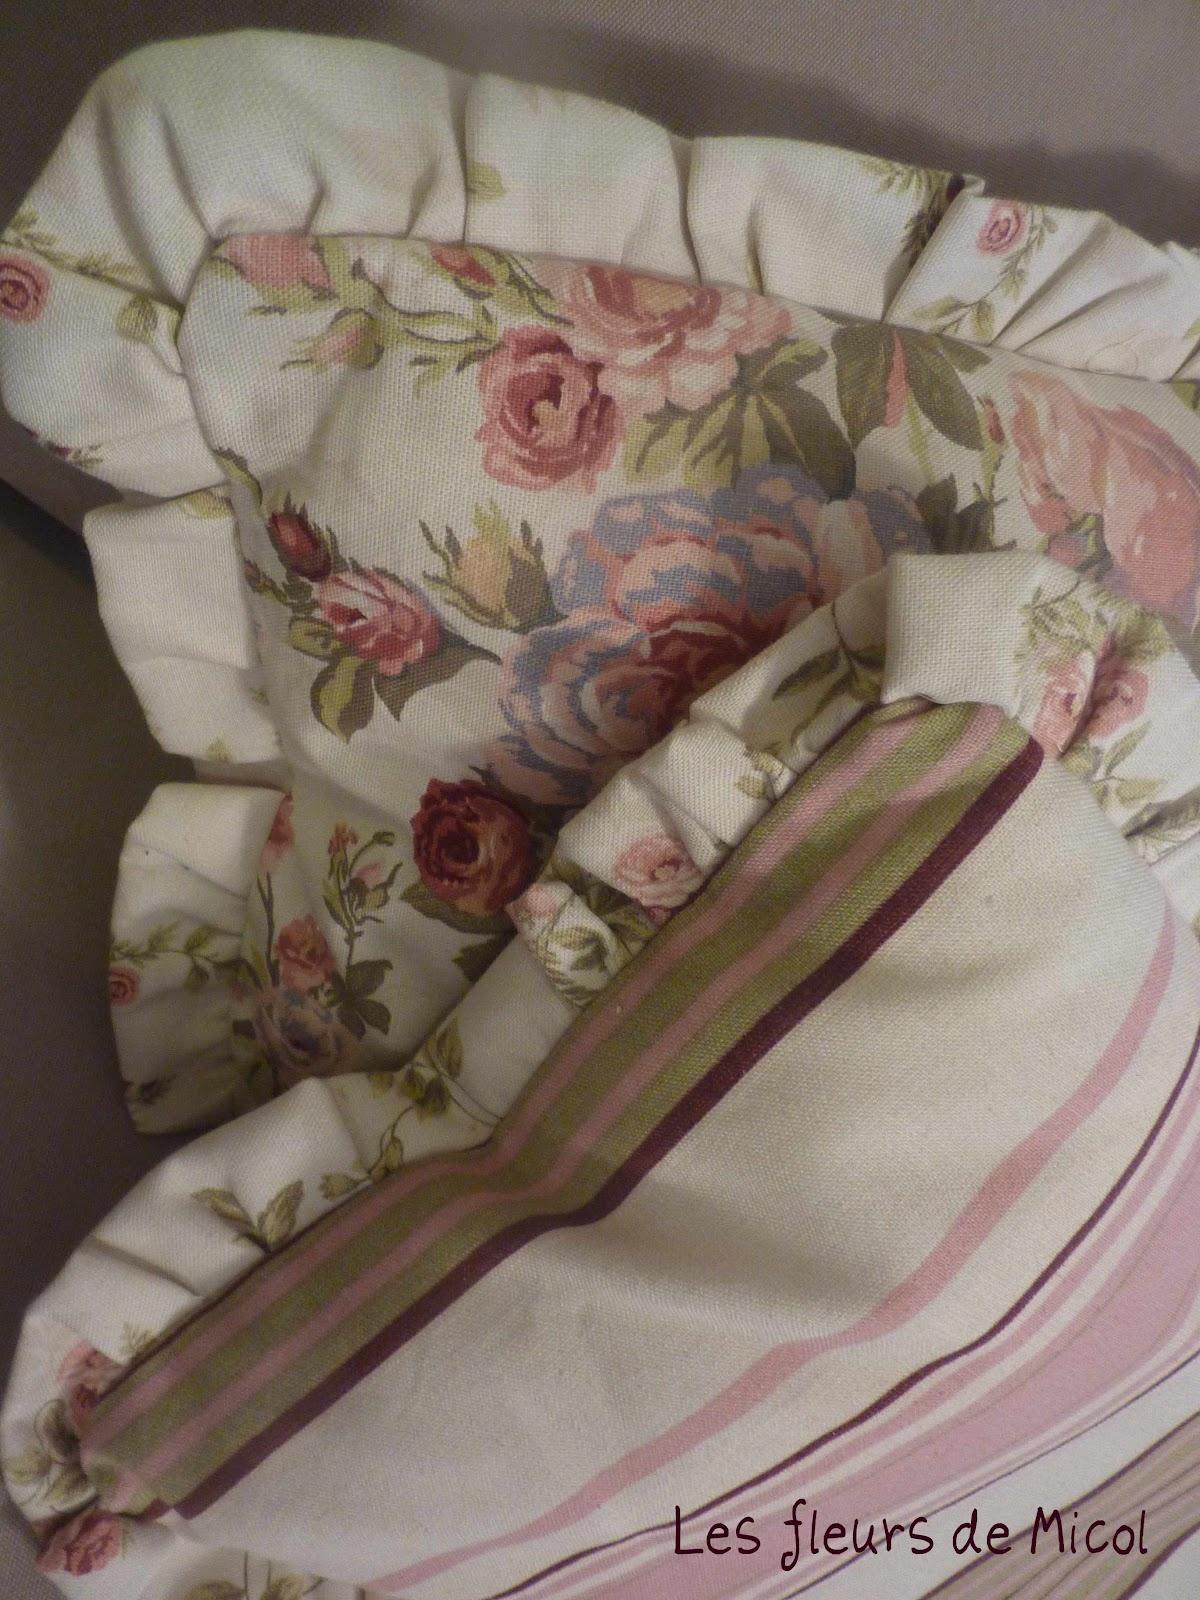 Les fleurs de micol righe e fiori - Mobili bianchi decapati ...